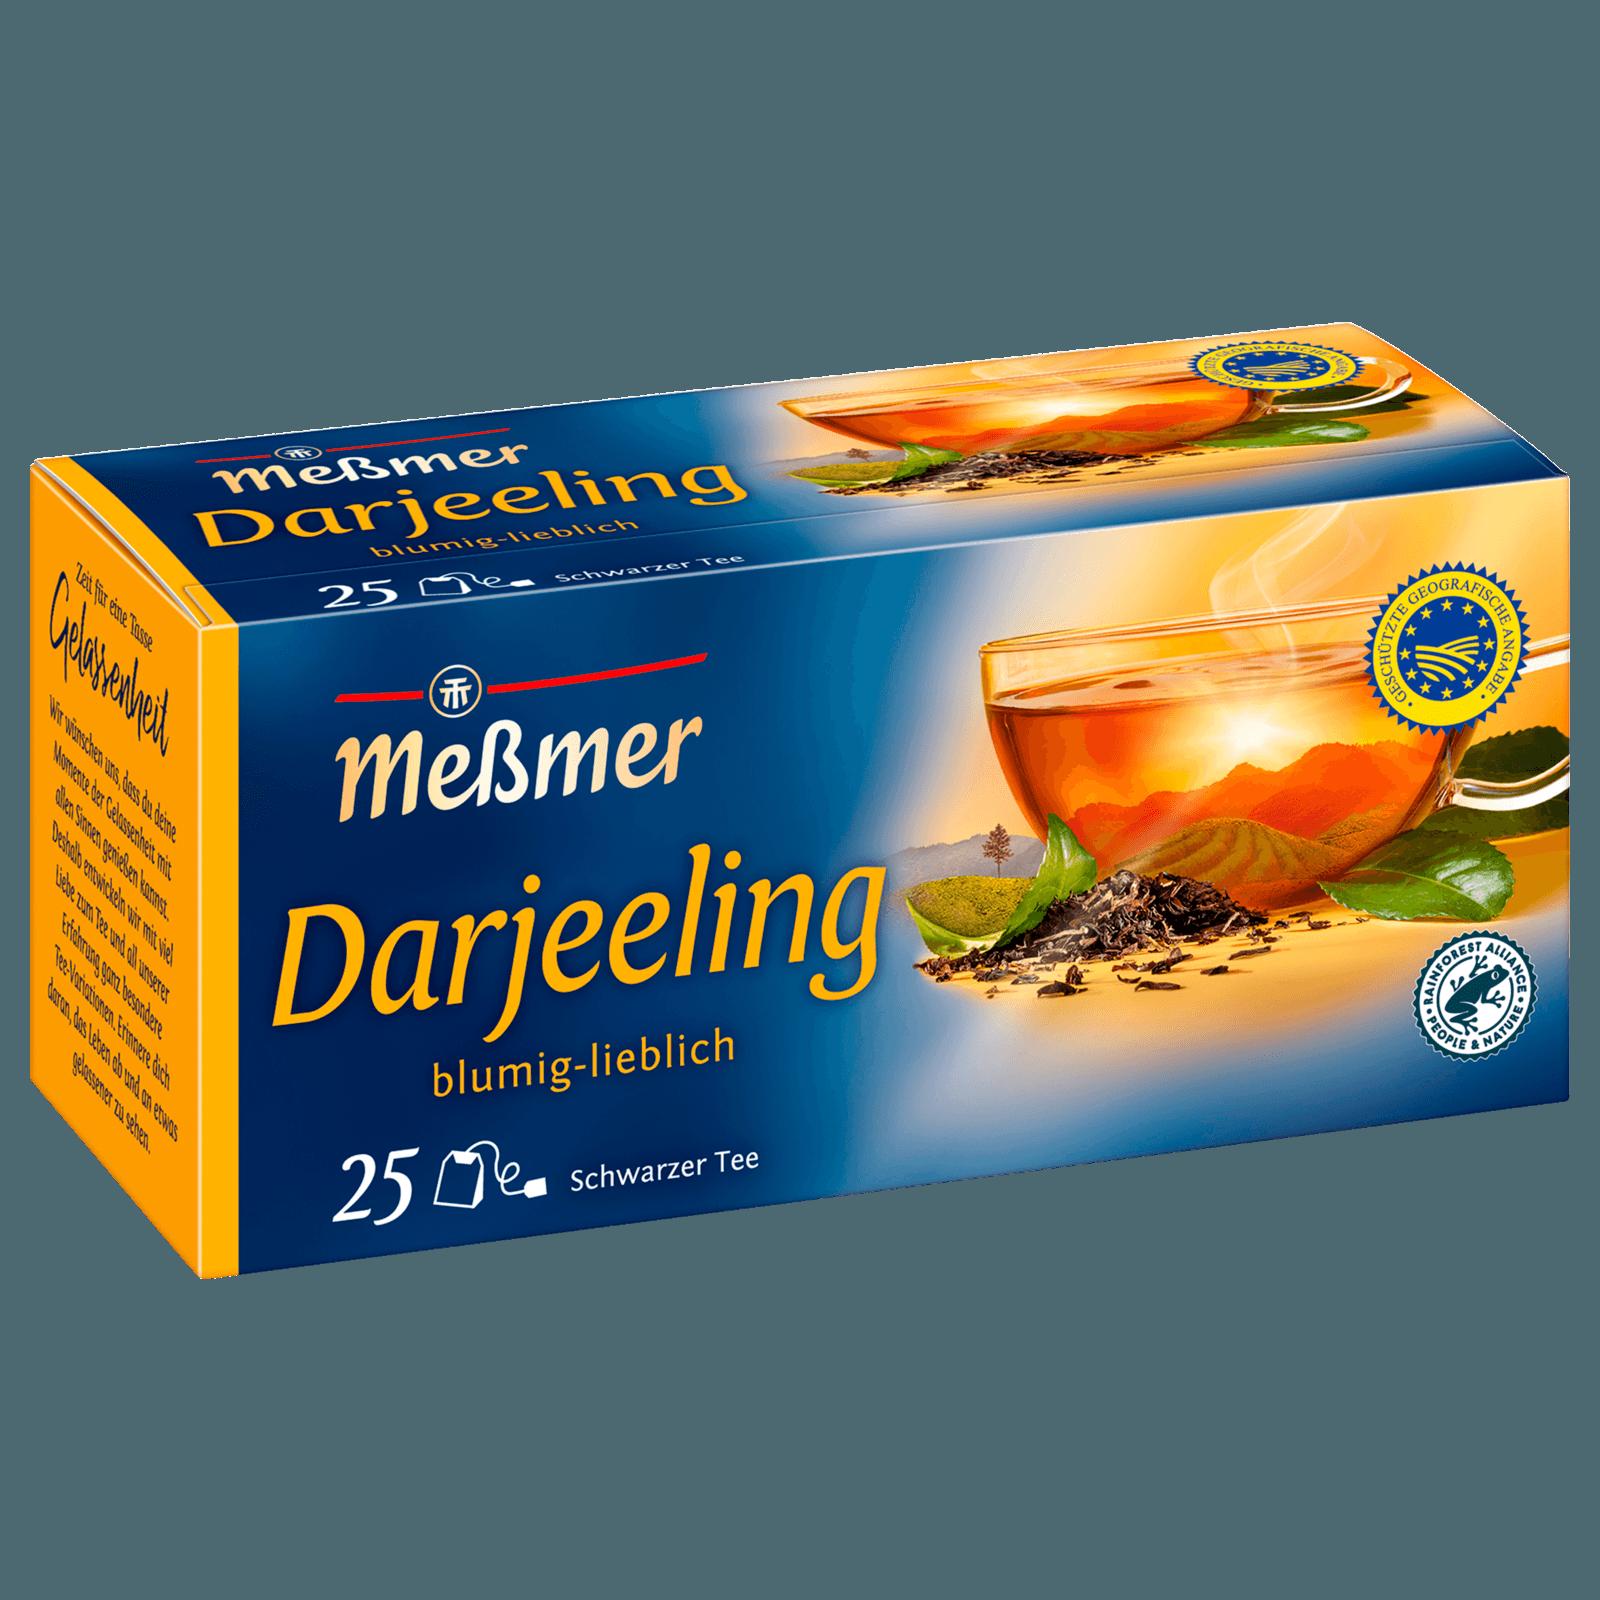 Meßmer Feinster Darjeeling 44g, 25 Beutel